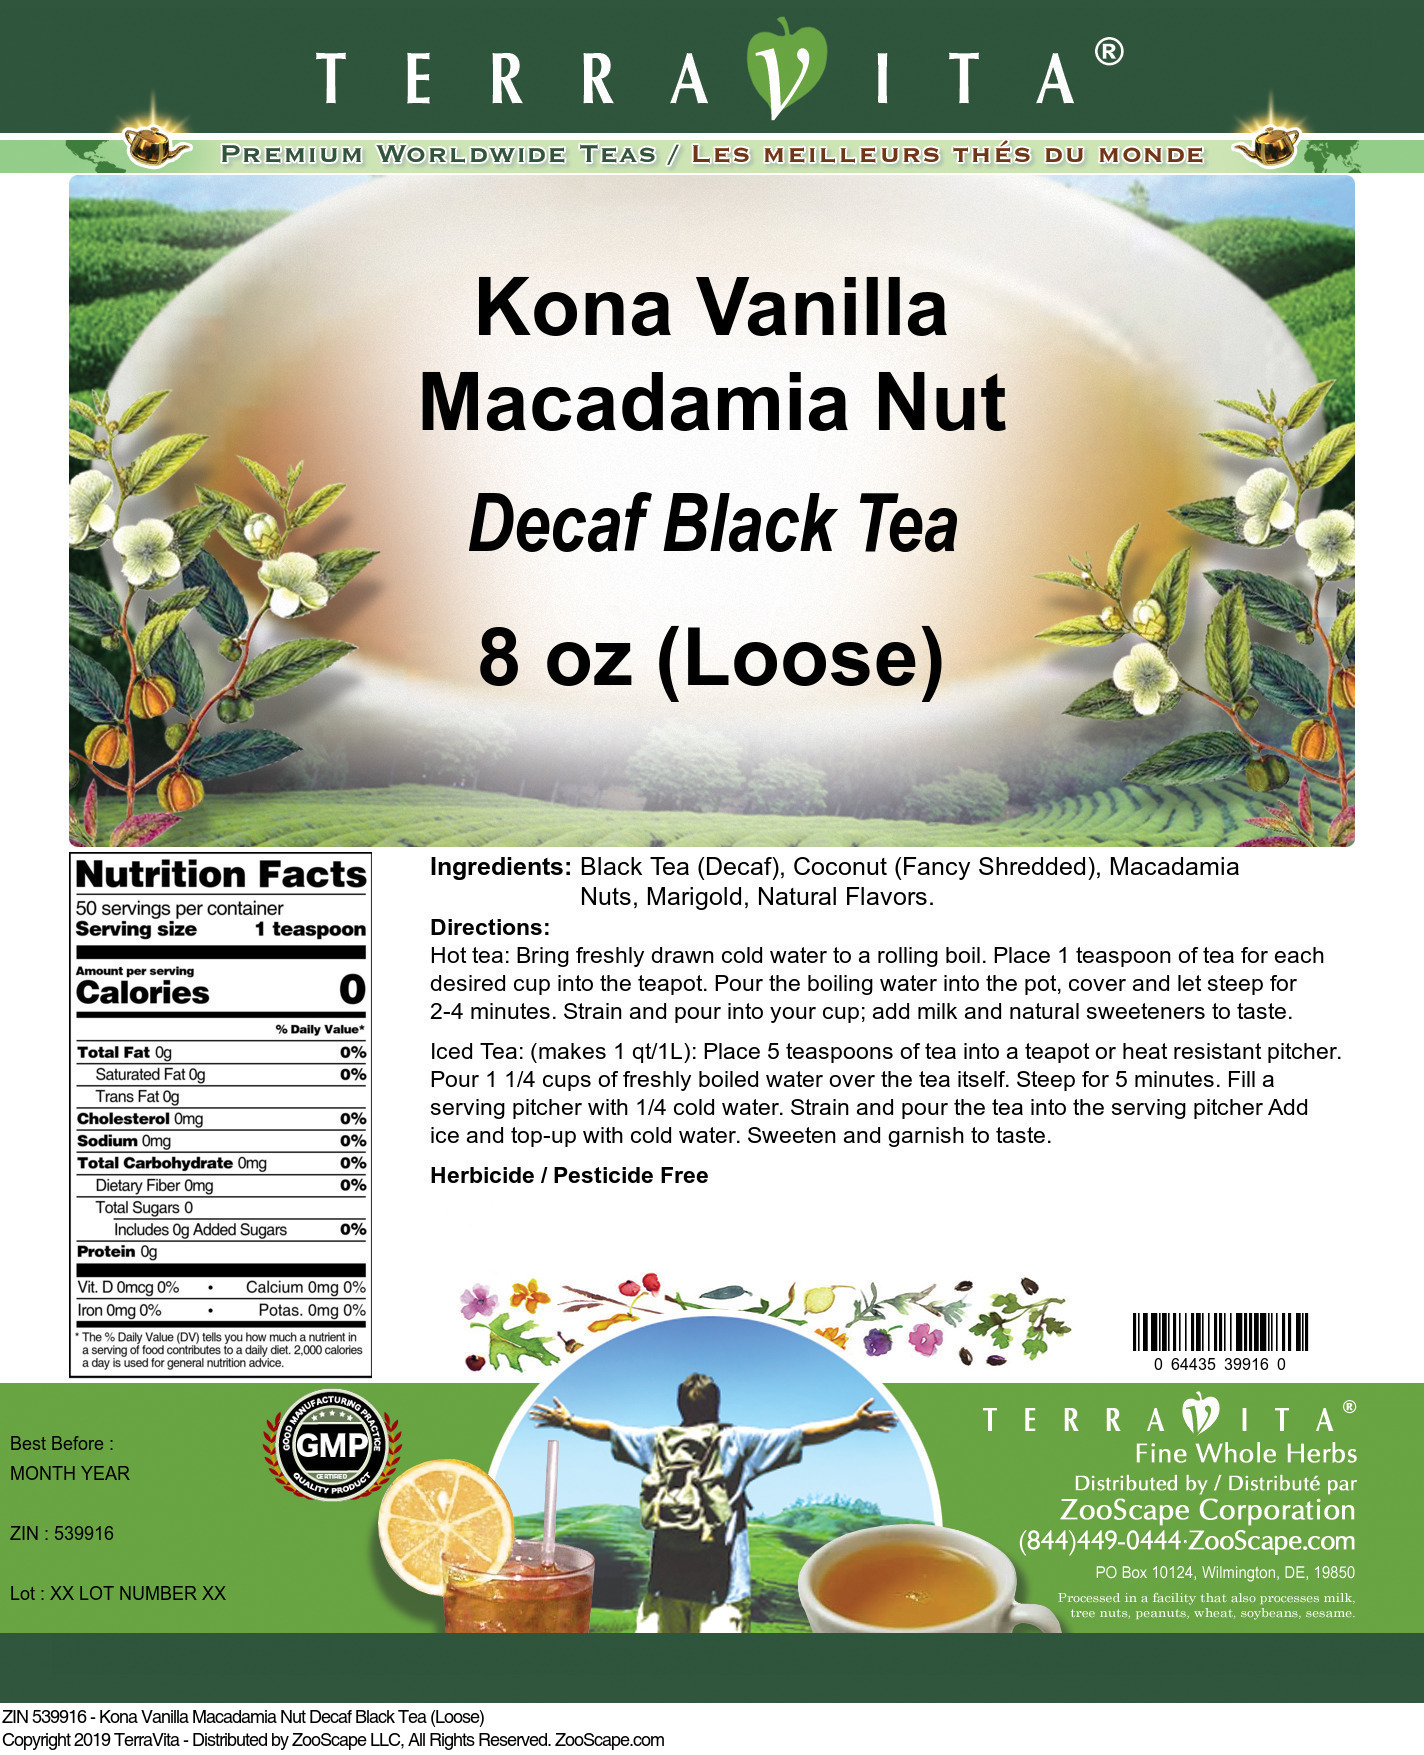 Kona Vanilla Macadamia Nut Decaf Black Tea (Loose)